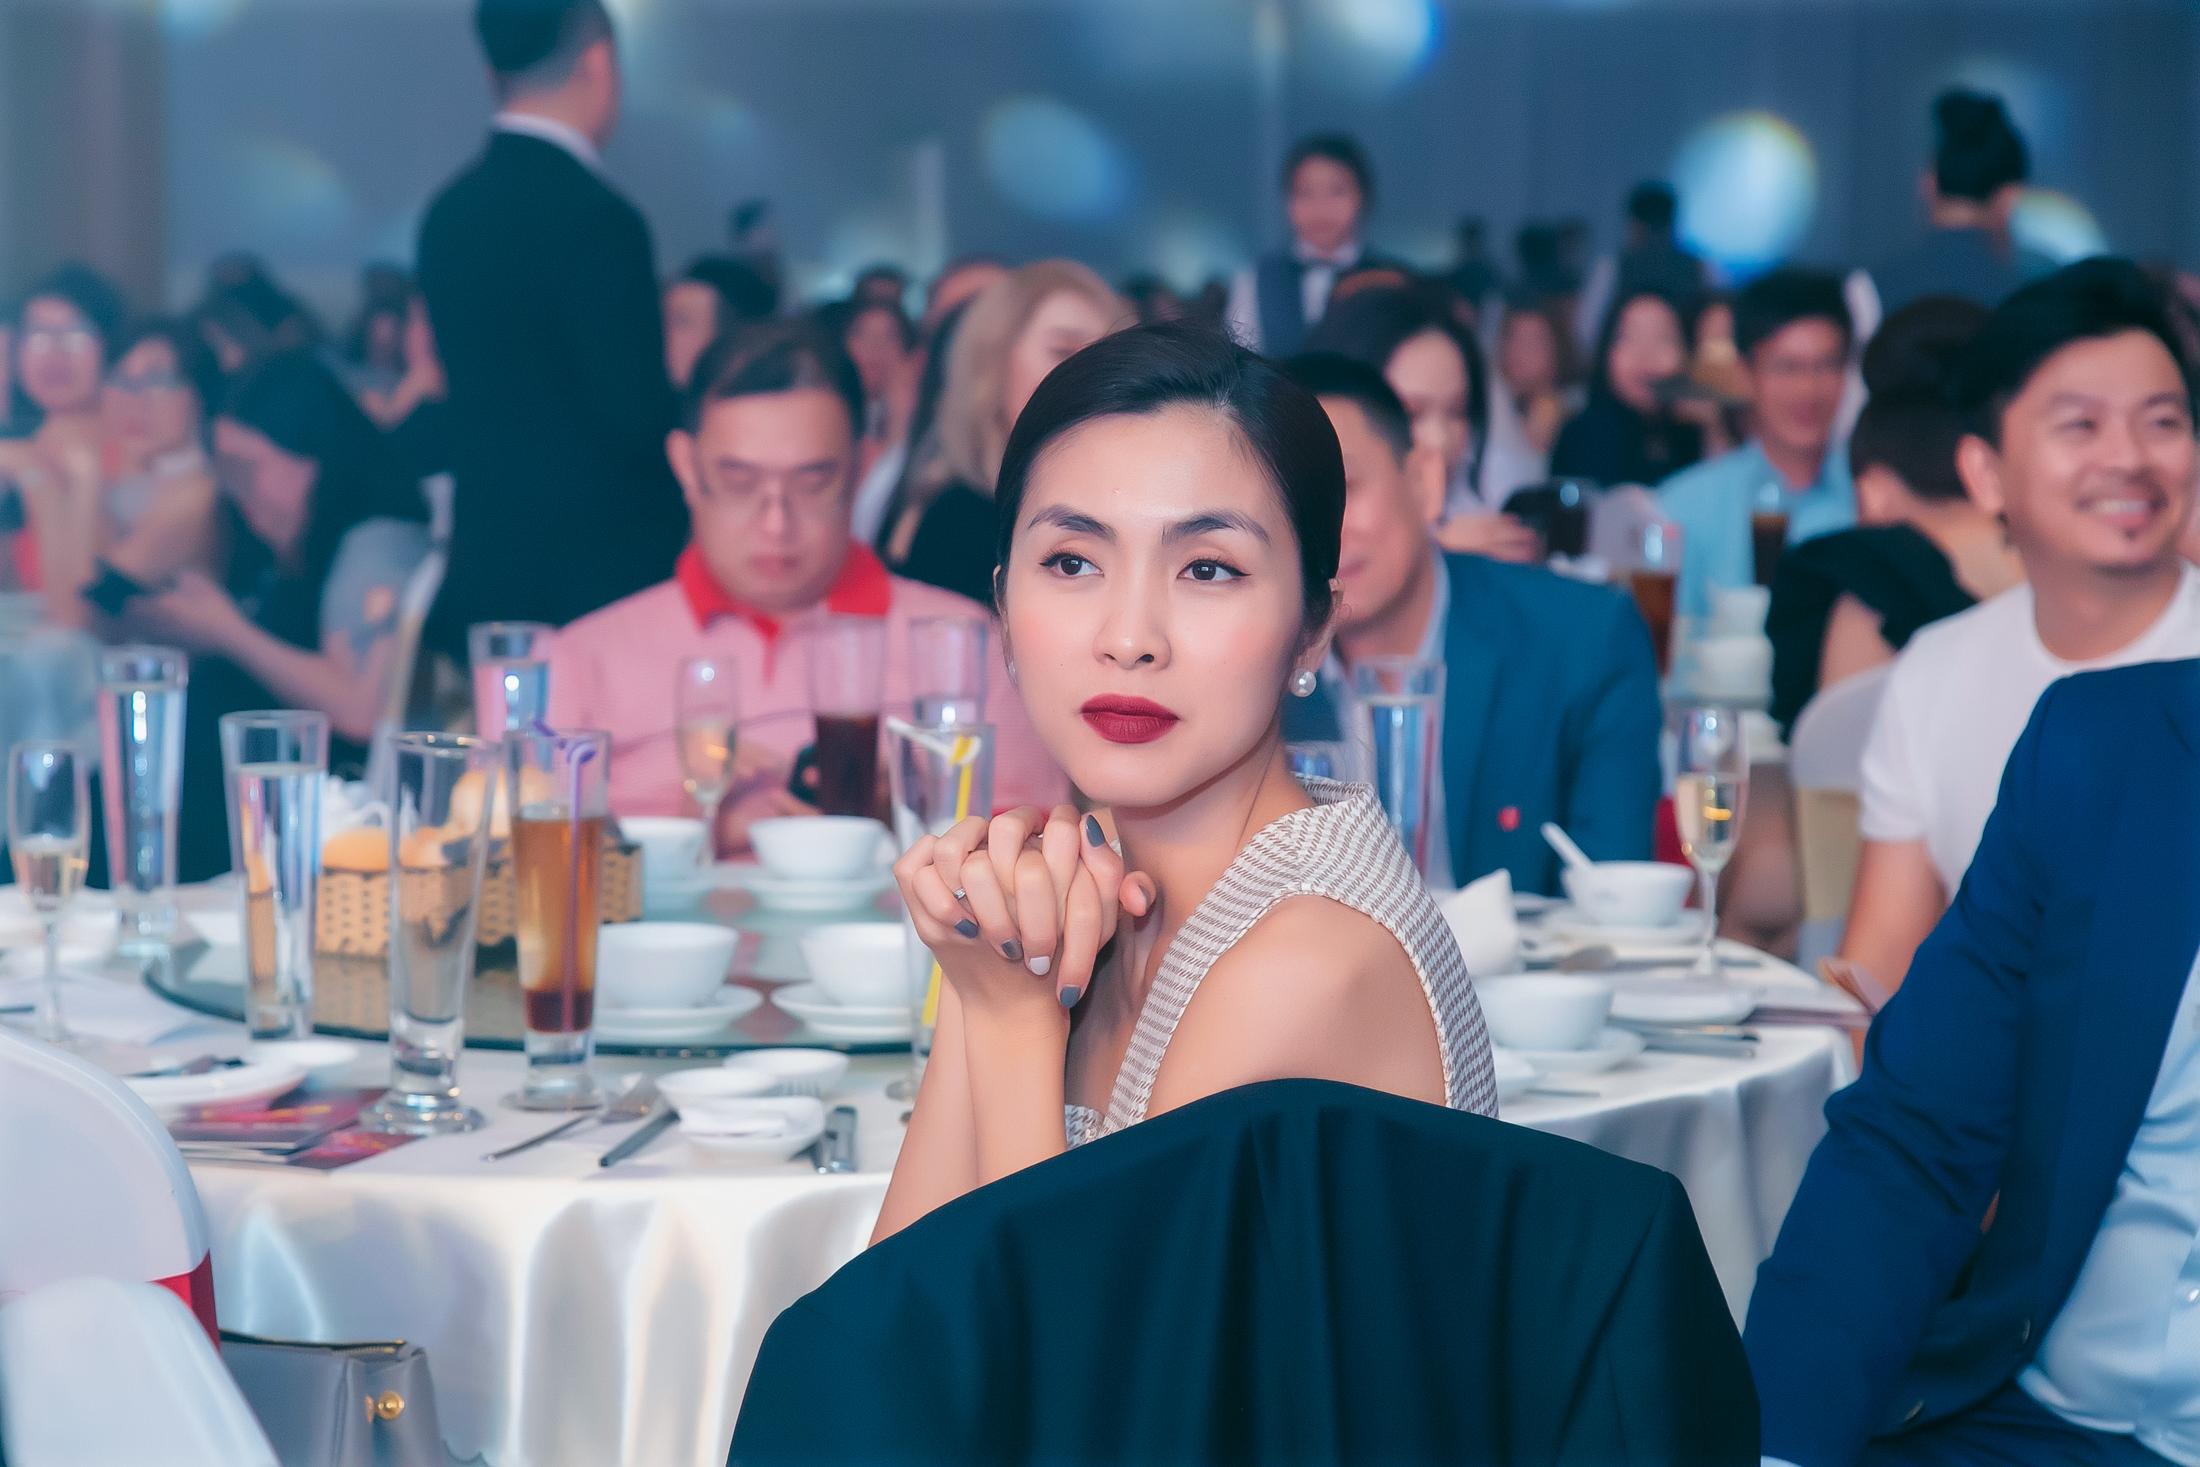 Tăng Thanh Hà khoe vẻ đẹp vạn người mê trong tiệc cuối năm của công ty bố chồng 1